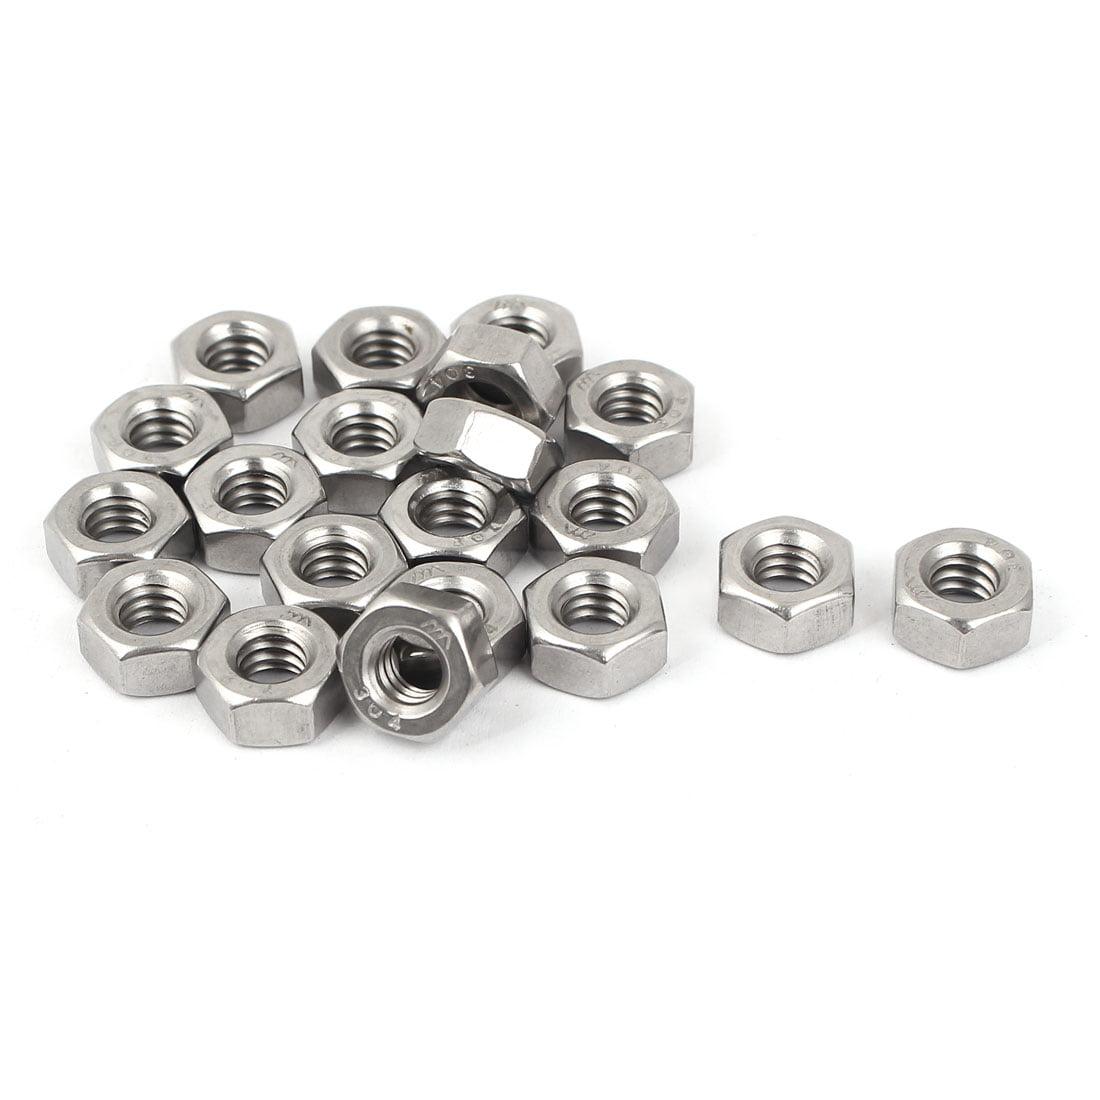 Hard-to-Find Fastener 014973285197 Grade 8 Coarse Lock Nuts 1//4-20 Piece-50